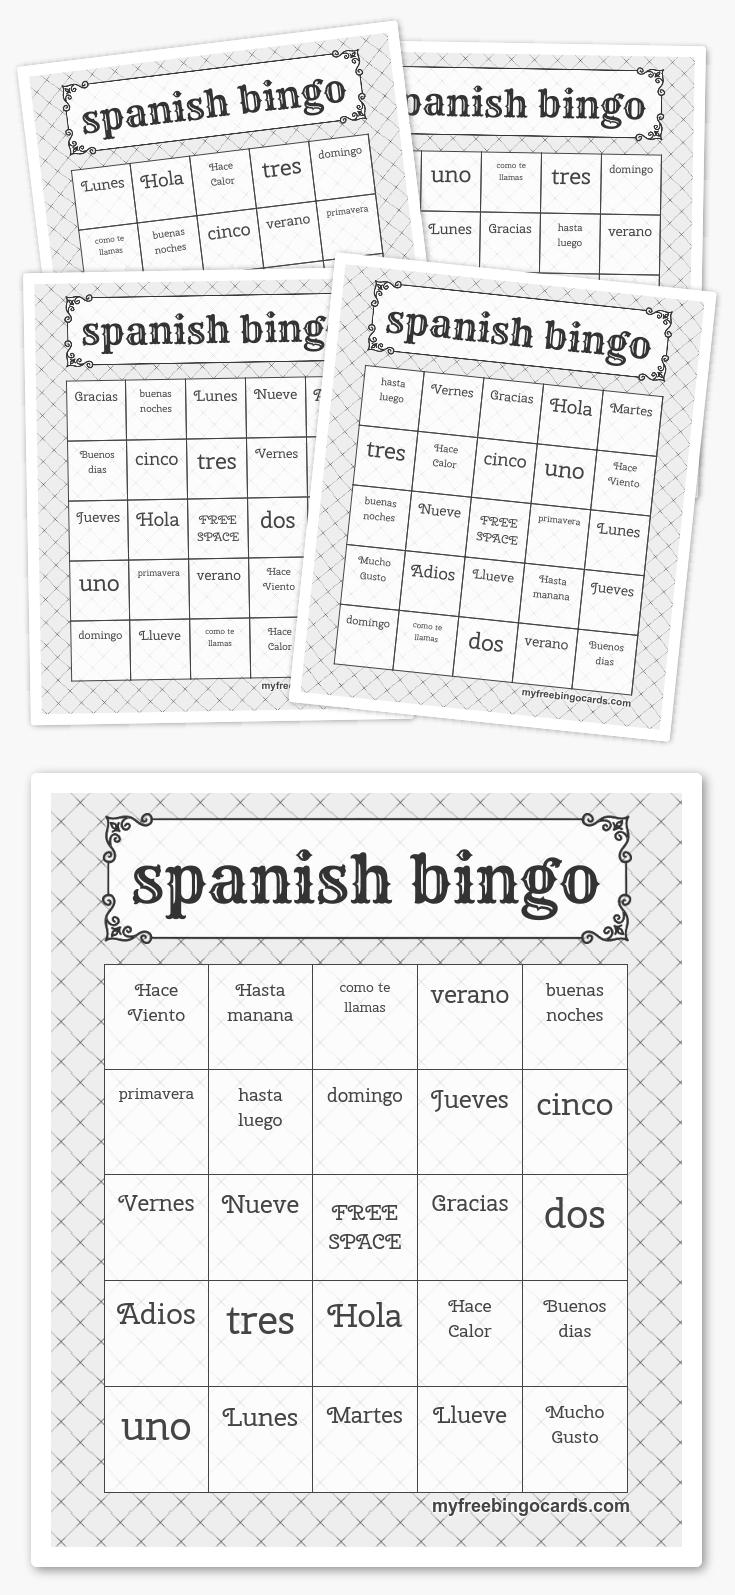 Spanish Bingo | Paises Latinos | Free Printable Bingo Cards, Bingo - Free Printable Spanish Bingo Cards